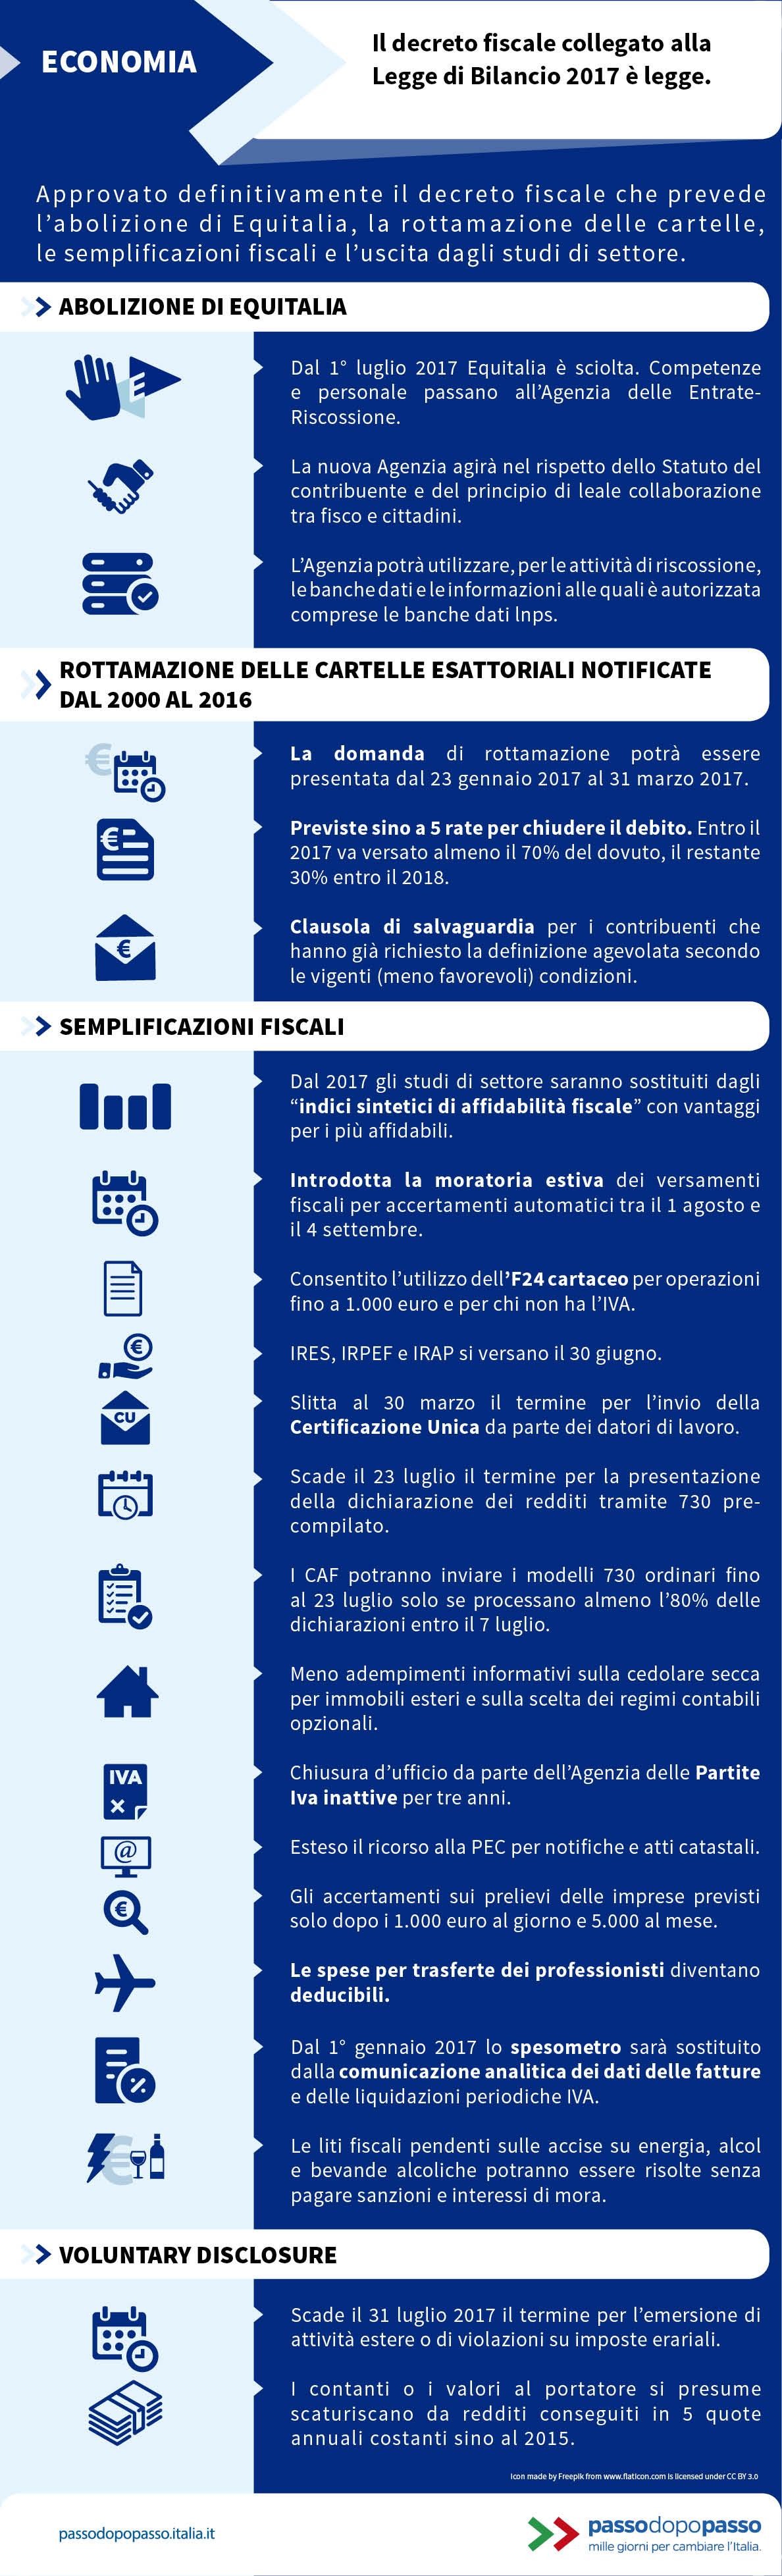 Infografica: Il decreto fiscale collegato alla Legge di Bilancio 2017 è legge